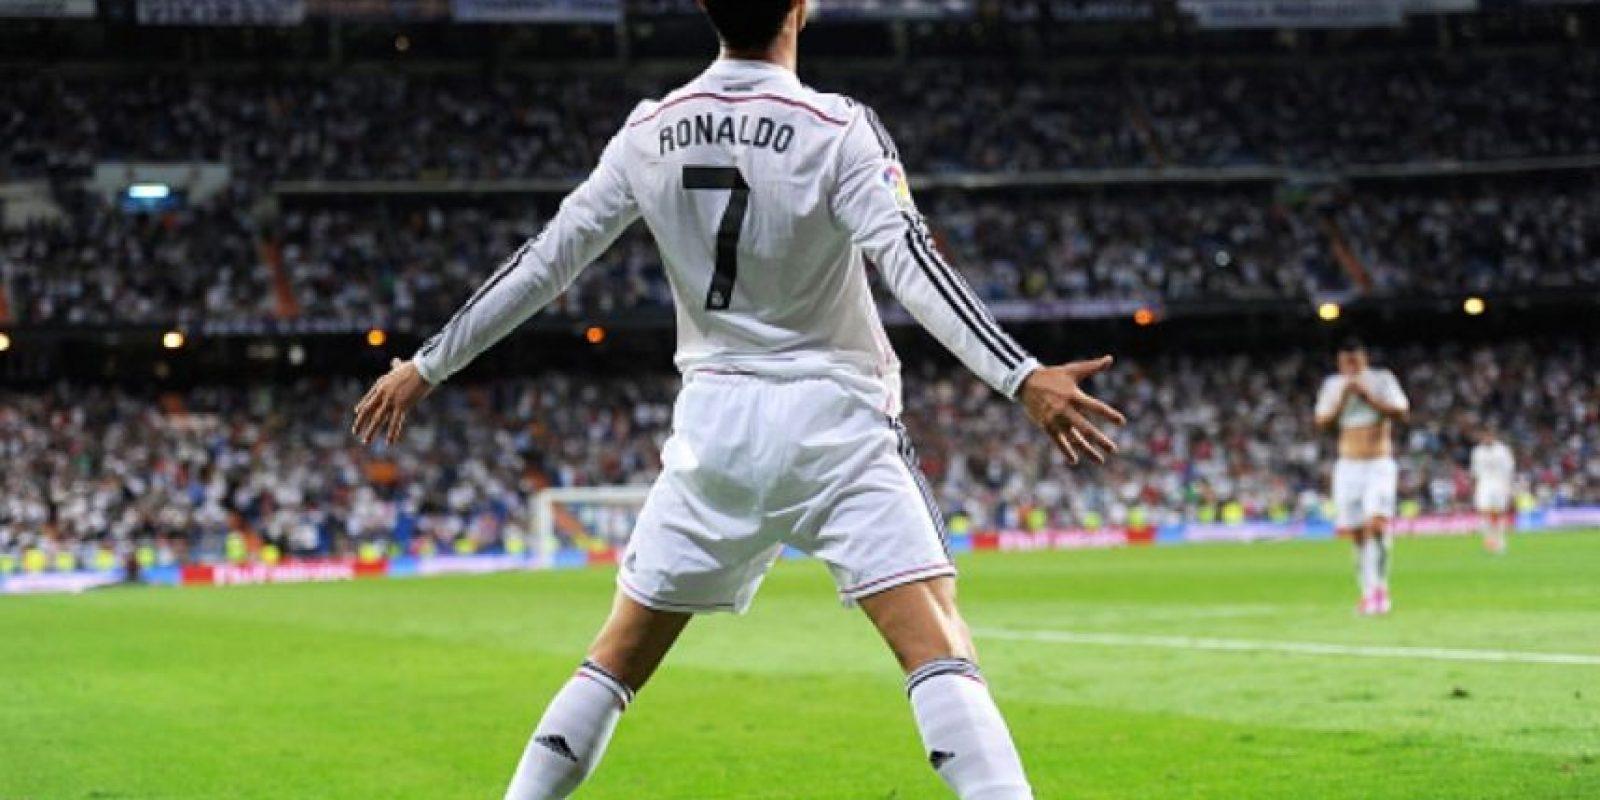 El festejo de Cristiano Ronaldo en la vida real. Foto:Getty Images